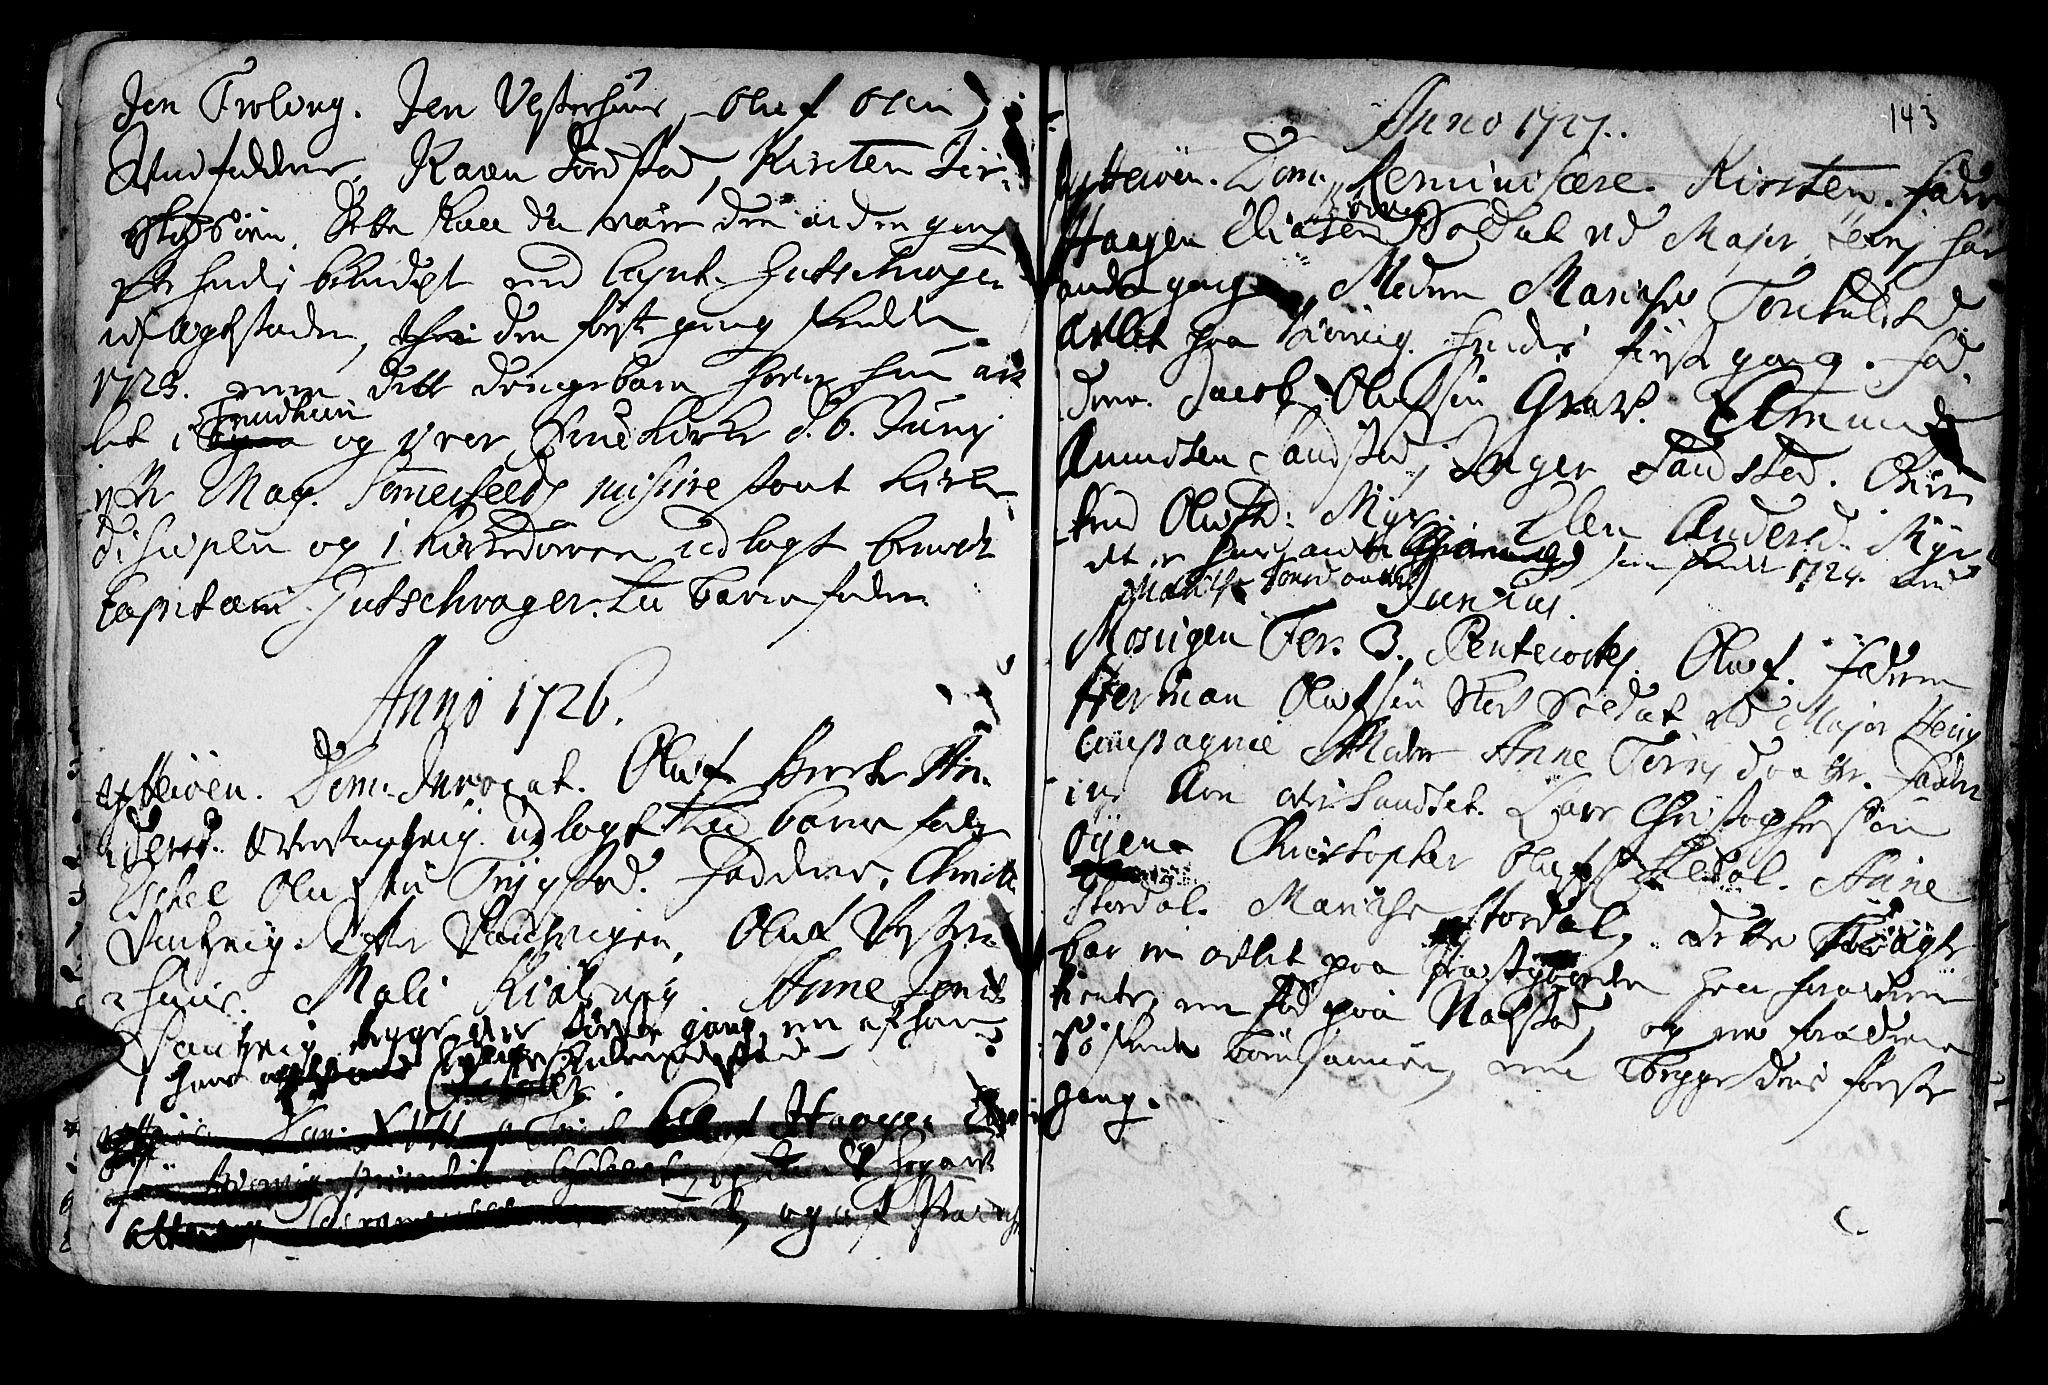 SAT, Ministerialprotokoller, klokkerbøker og fødselsregistre - Nord-Trøndelag, 722/L0215: Ministerialbok nr. 722A02, 1718-1755, s. 143